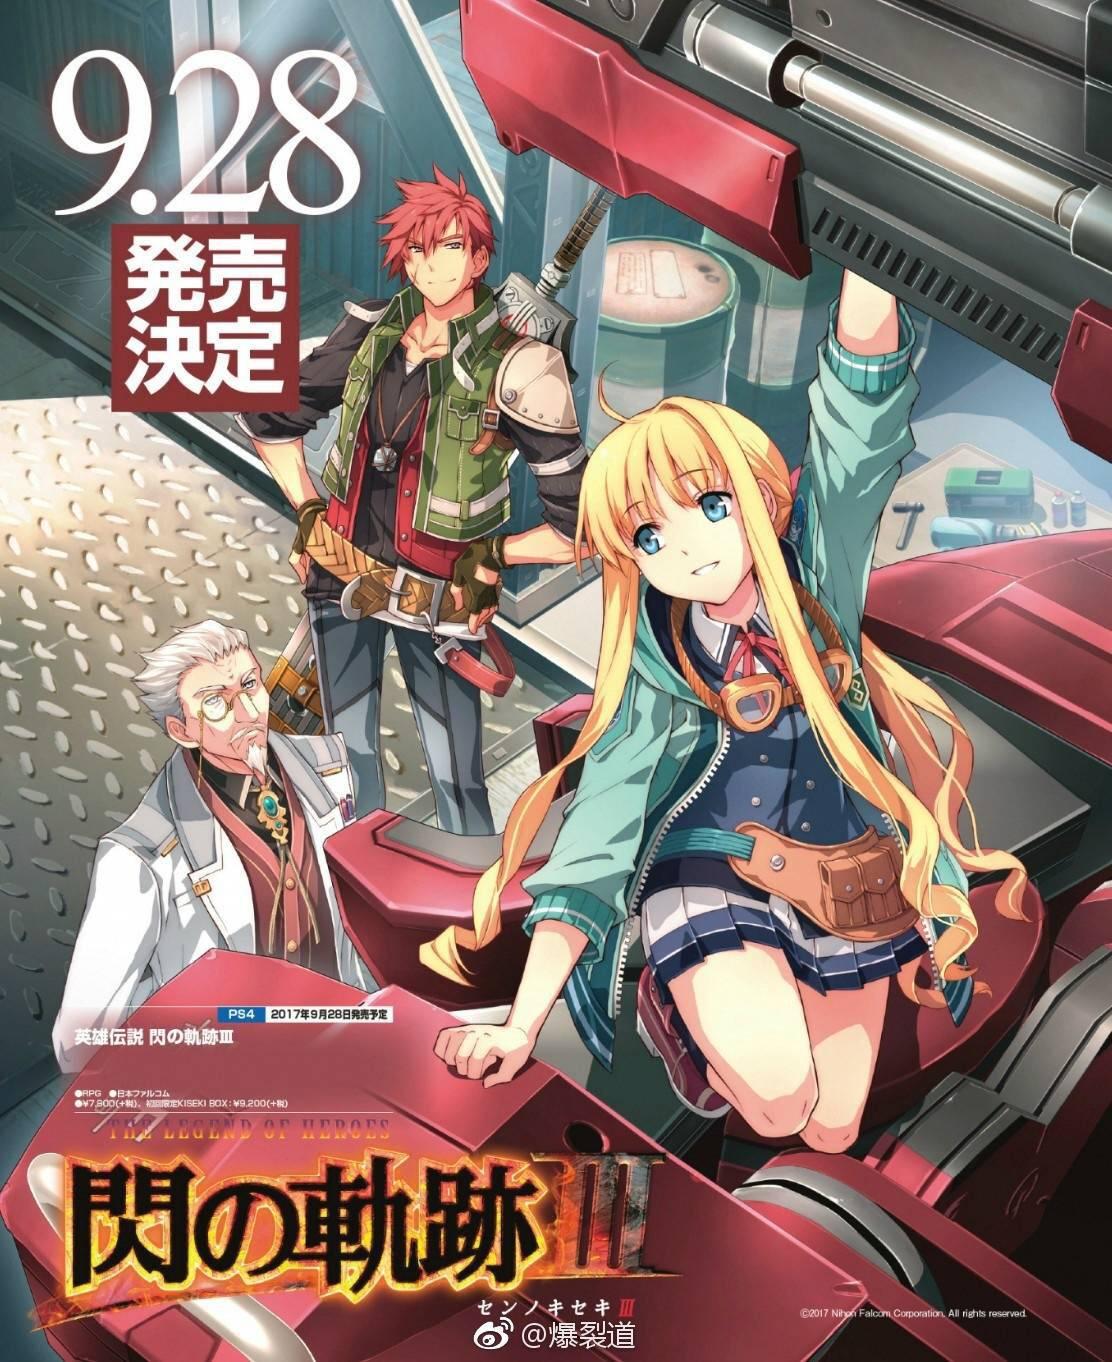 『英雄伝説 閃の軌跡III』の発売日が2017年9月28日に決定!一番人気のあのキャラも続投するぞ!!